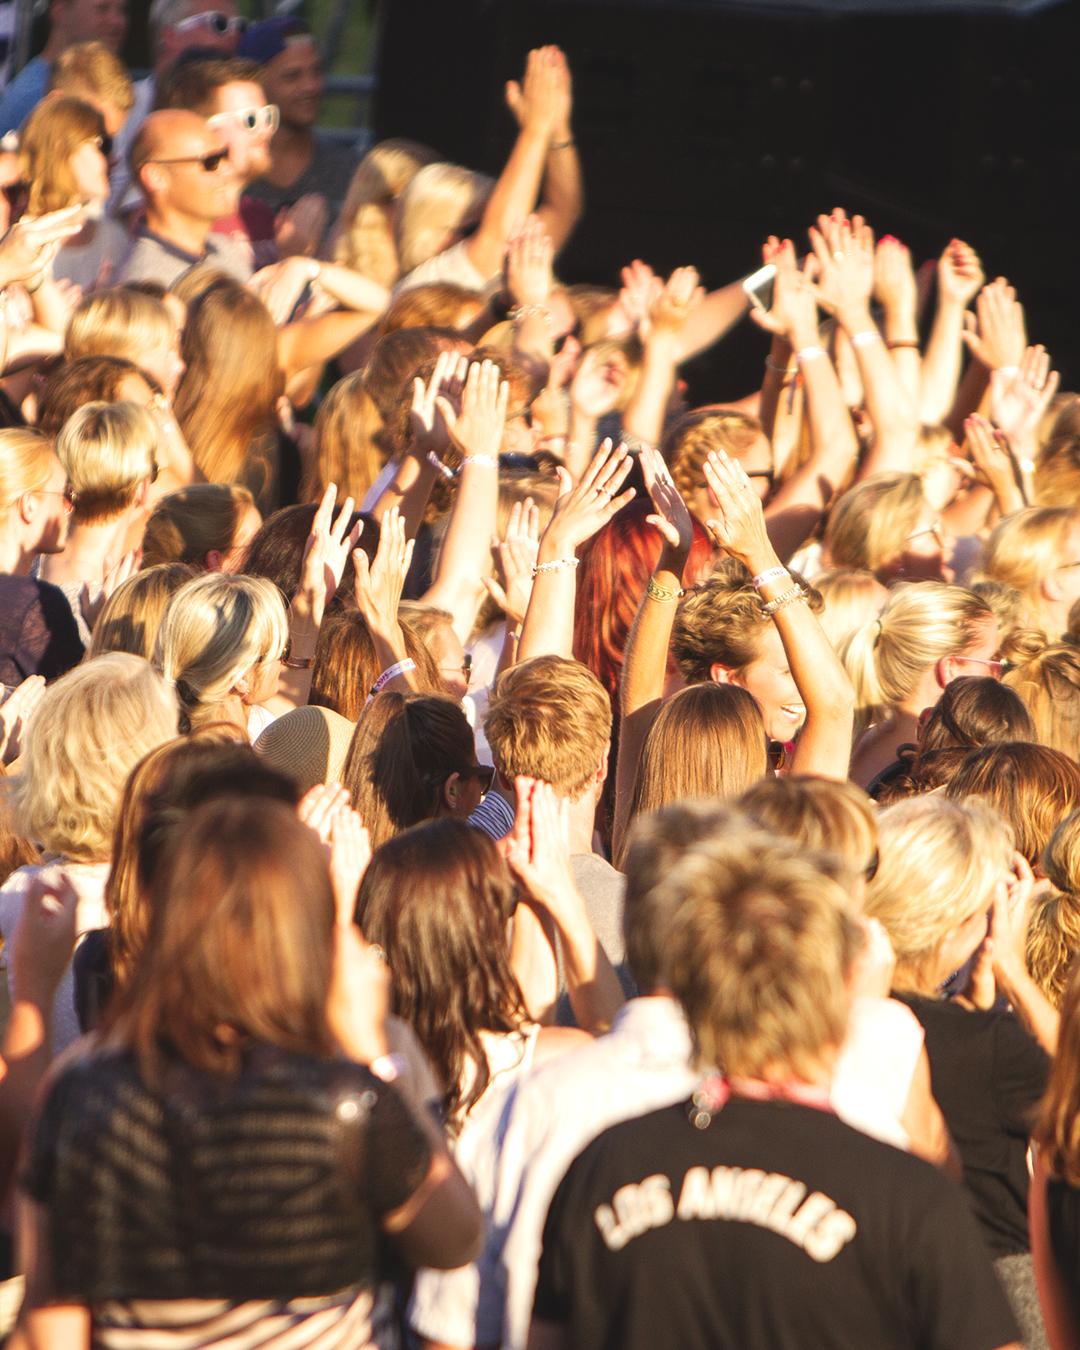 Fornebu Sparebanks Musikkstipend - Fornebu Sparebank ønsker å gi et bidrag til unge musikalske utøvere i vårt lokale områdeStipendet vil bli gitt til unge utøvende musikere. Vårt håp er at bidraget skal motivere til videre utvikling av unge, lokale talenter som ønsker å satse på musikk. Søkerne kan være selvstendige eller en del av et band/gruppe.Årlig pott for stipendet er kr 50.000 kroner, og kan deles ut til èn eller flere.